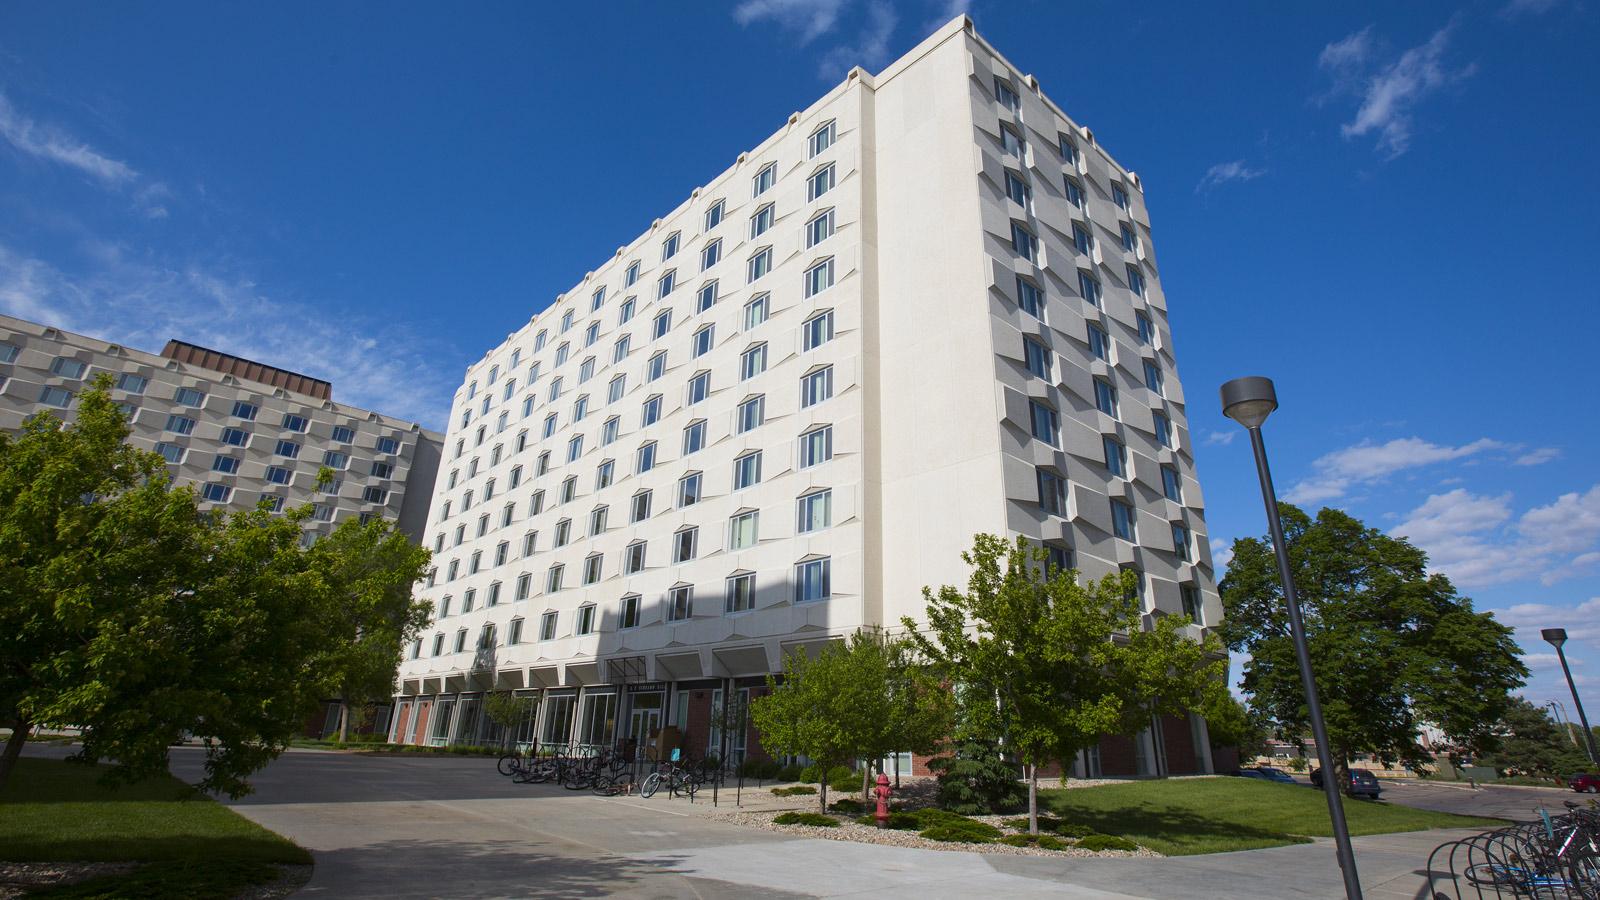 Schramm Hall University Housing Nebraska